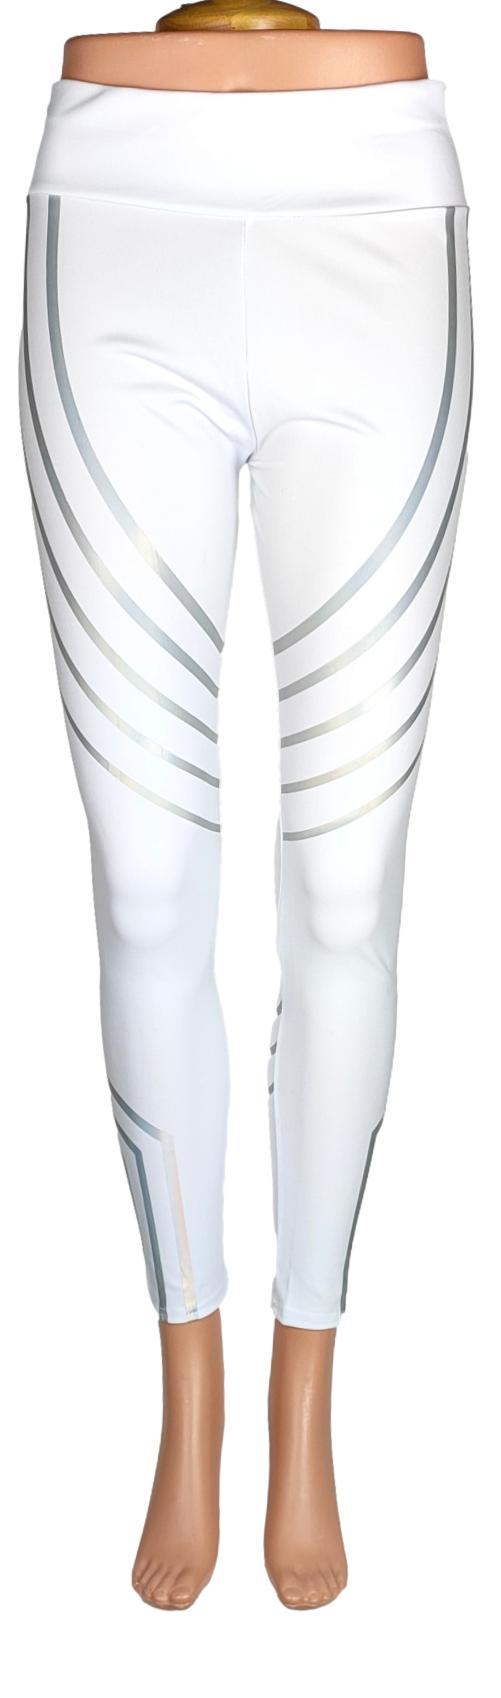 Pantalon Sans marque - Taille S